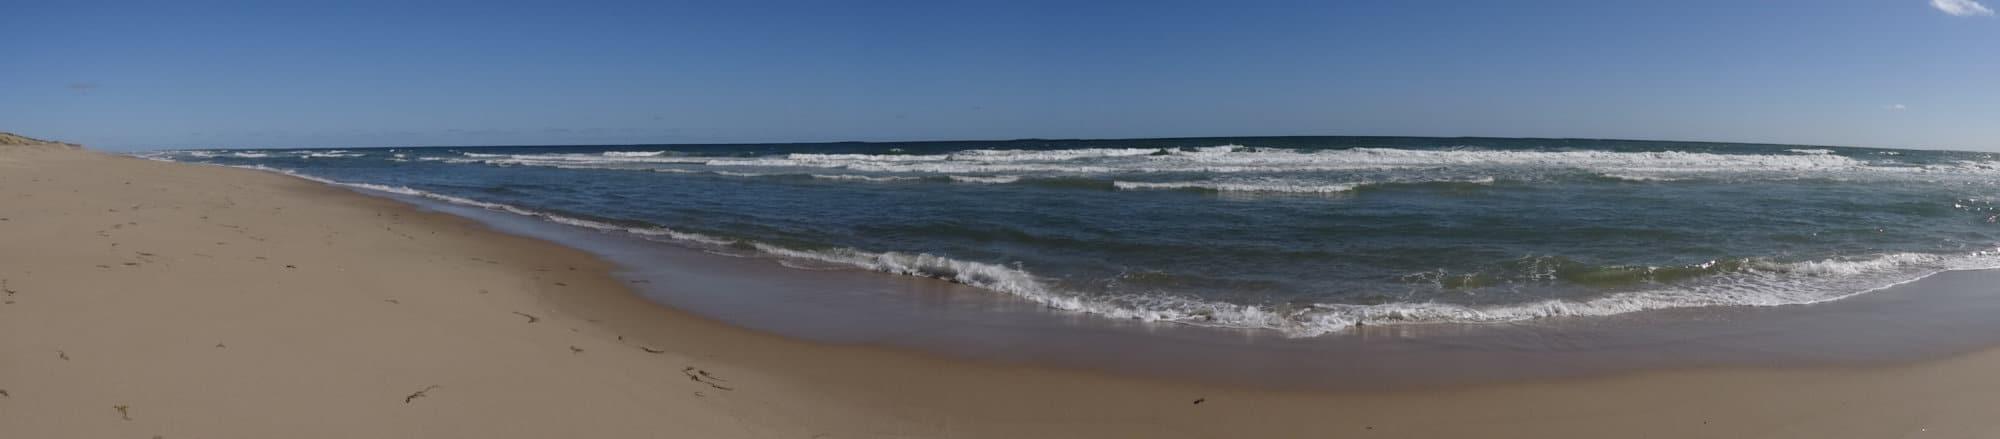 Les plages de Cape Cod